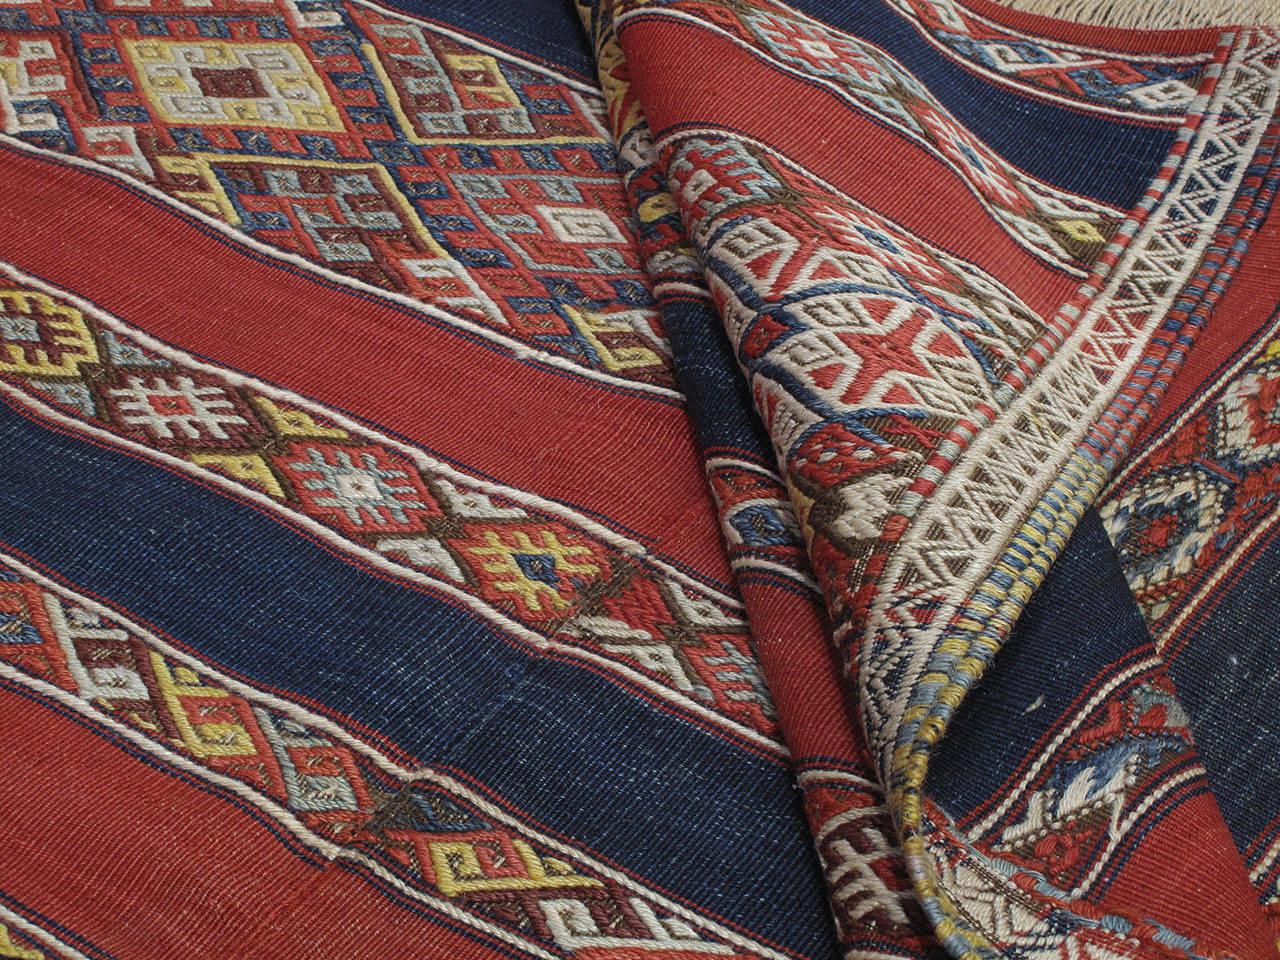 Antique Malatya Kilim Rug For Sale 3